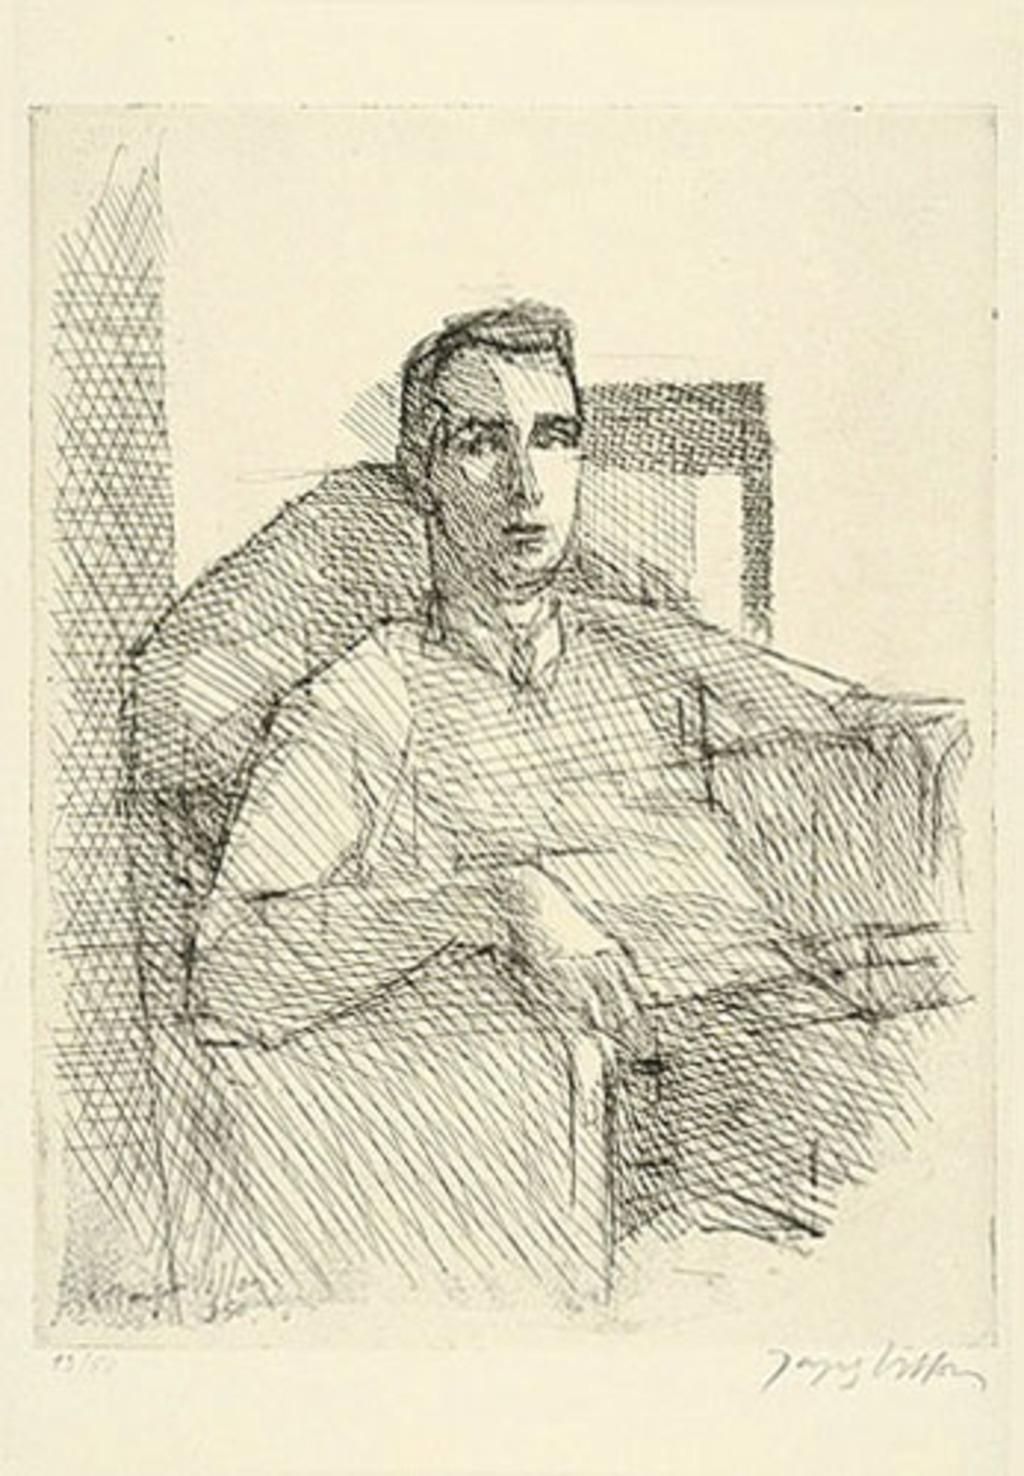 Francis (M. Steegmuller)